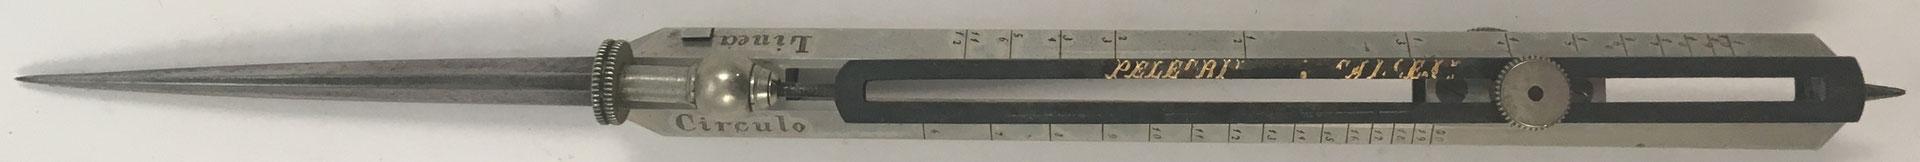 Compás de reducción cerrado, 22.5x2.5 cm